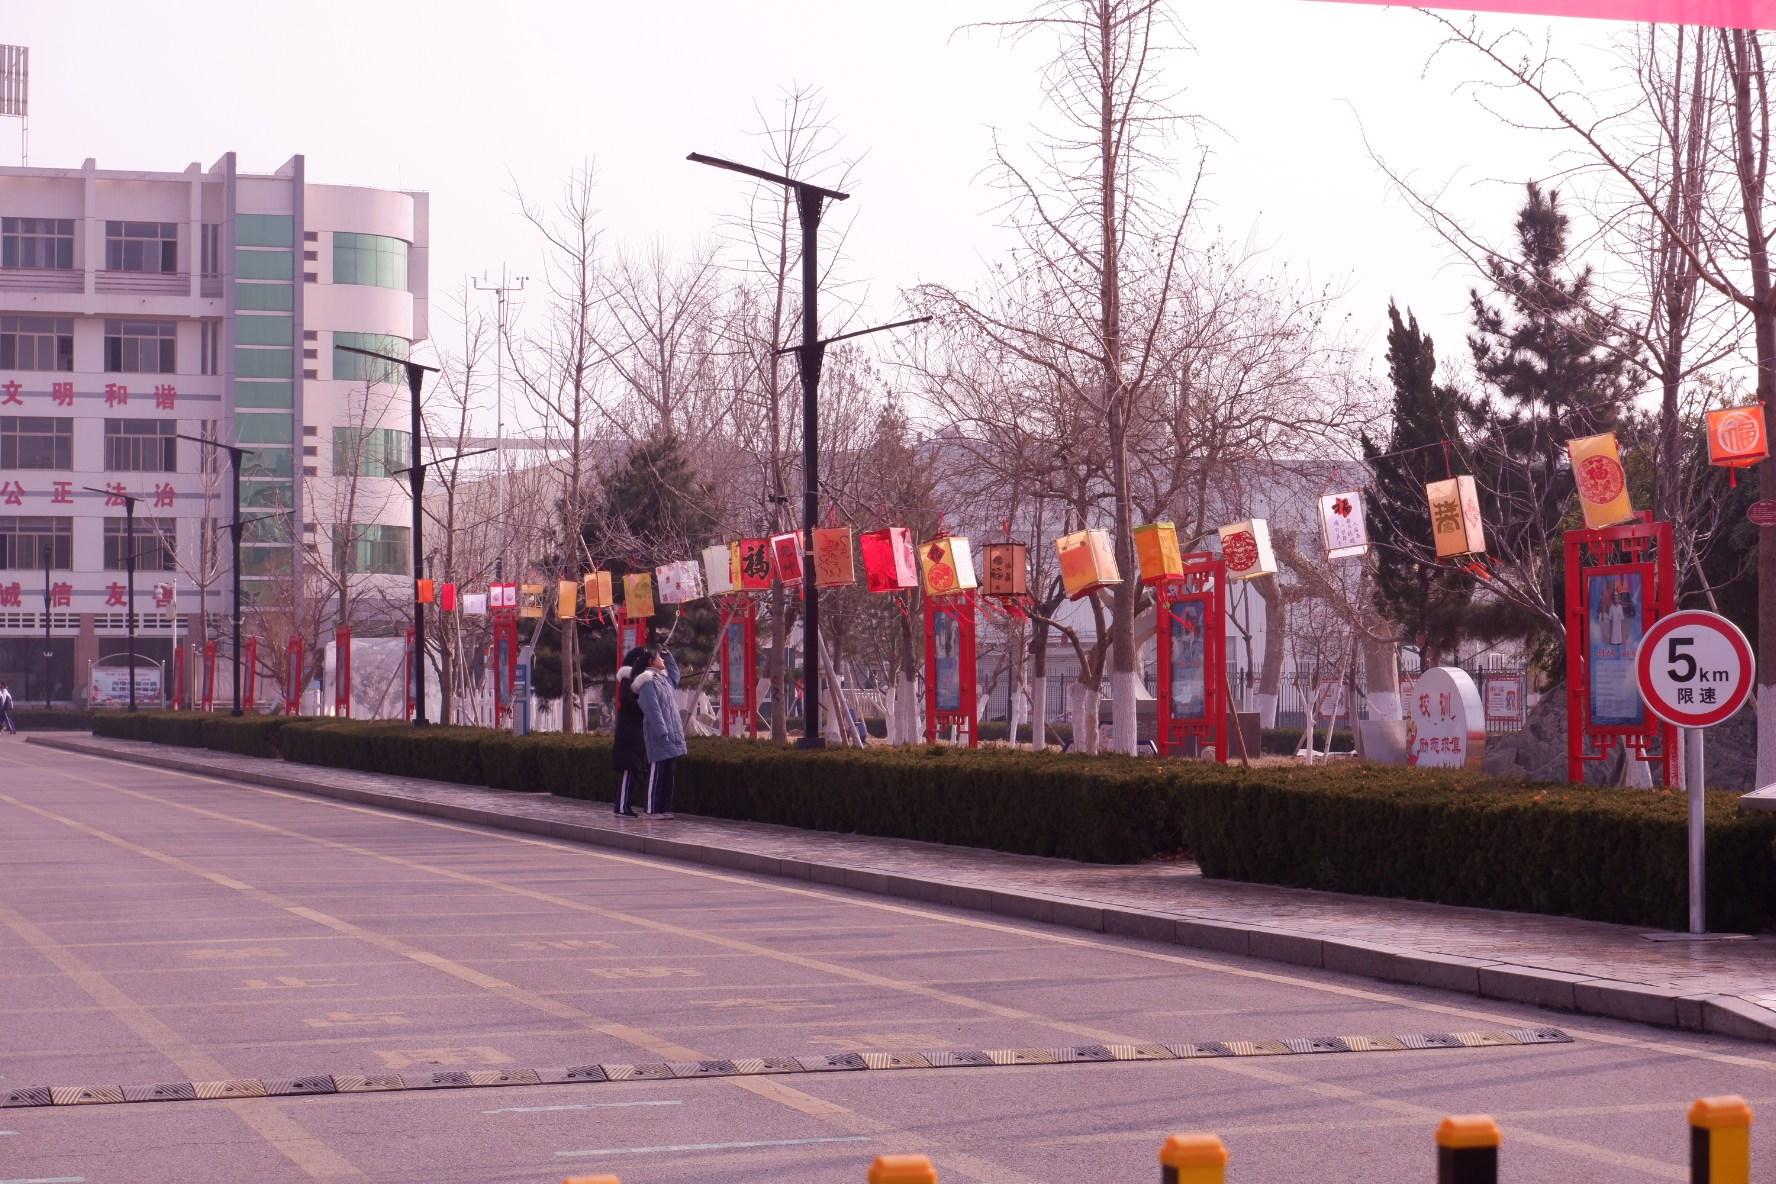 泰安市第二中学:感受传统文化 学生制作50盏花灯扮靓校园